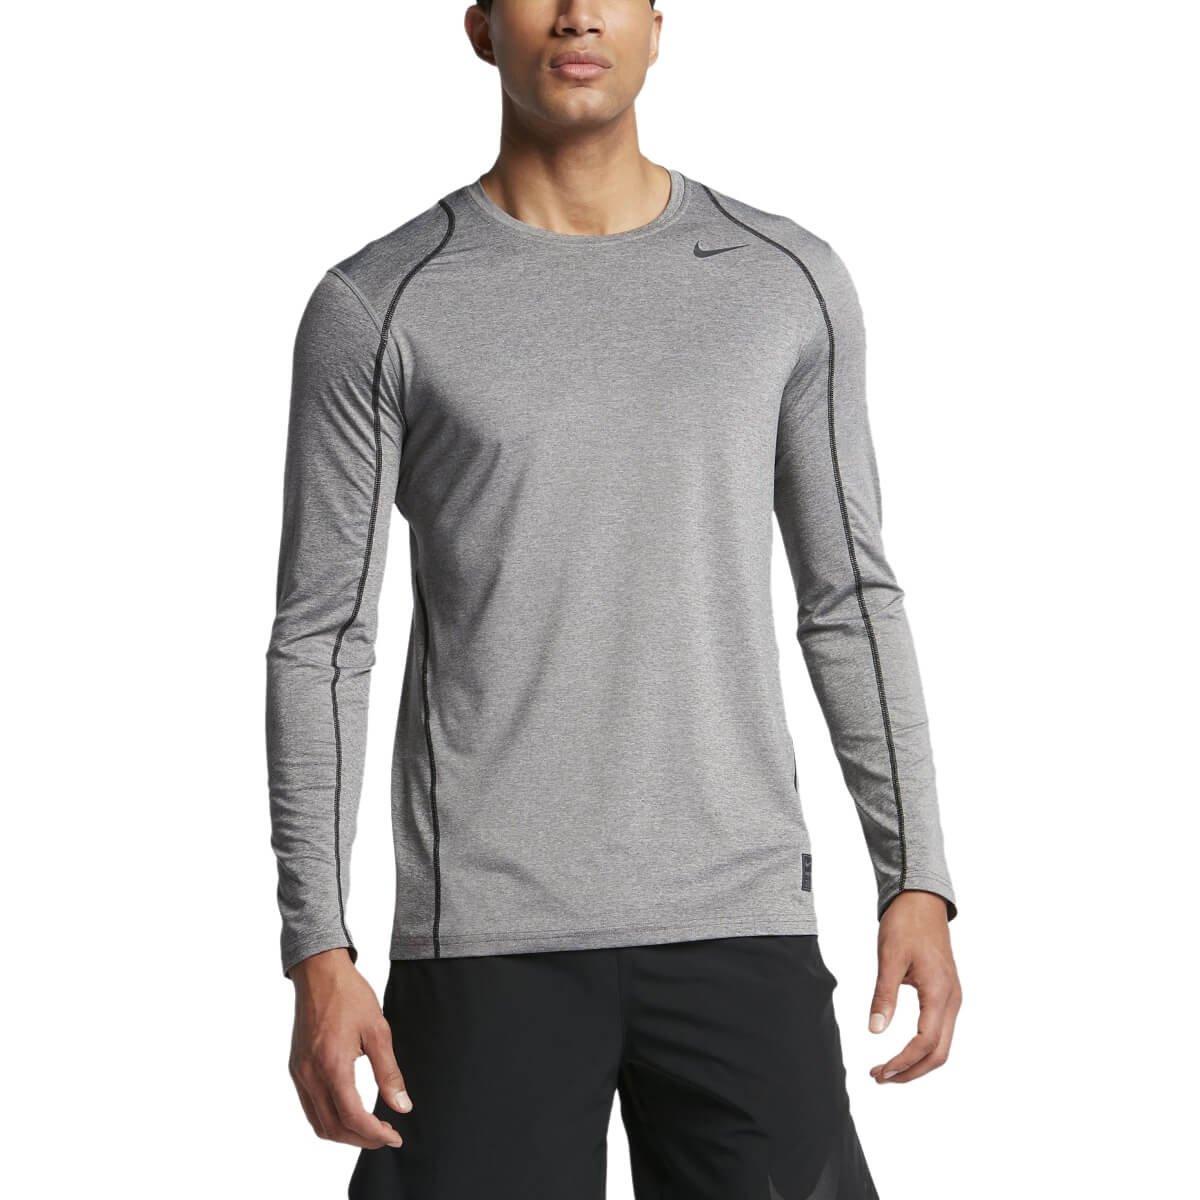 Bizz Store - Camiseta De Compressão Masculina Nike Cool Cinza 7a44c2600810e